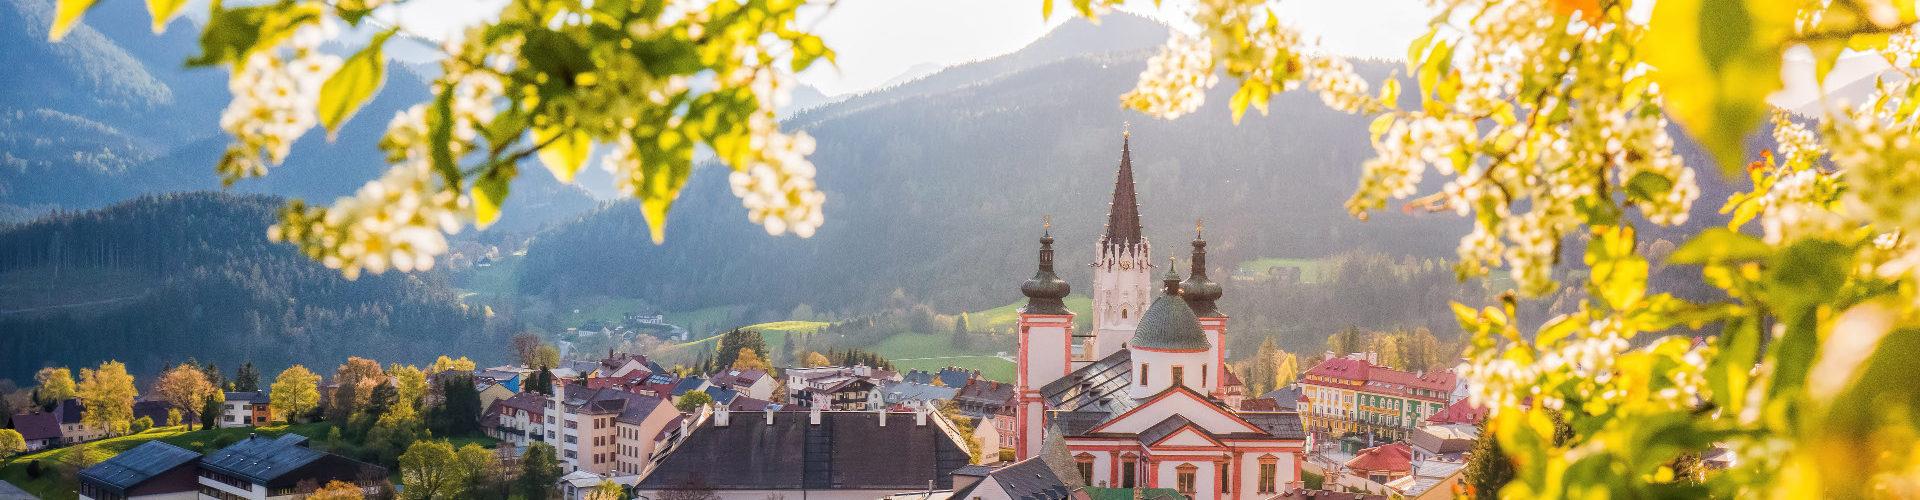 Blick auf Mariazell, © www.mariazell.blog/Fotograf: Fred Lindmoser